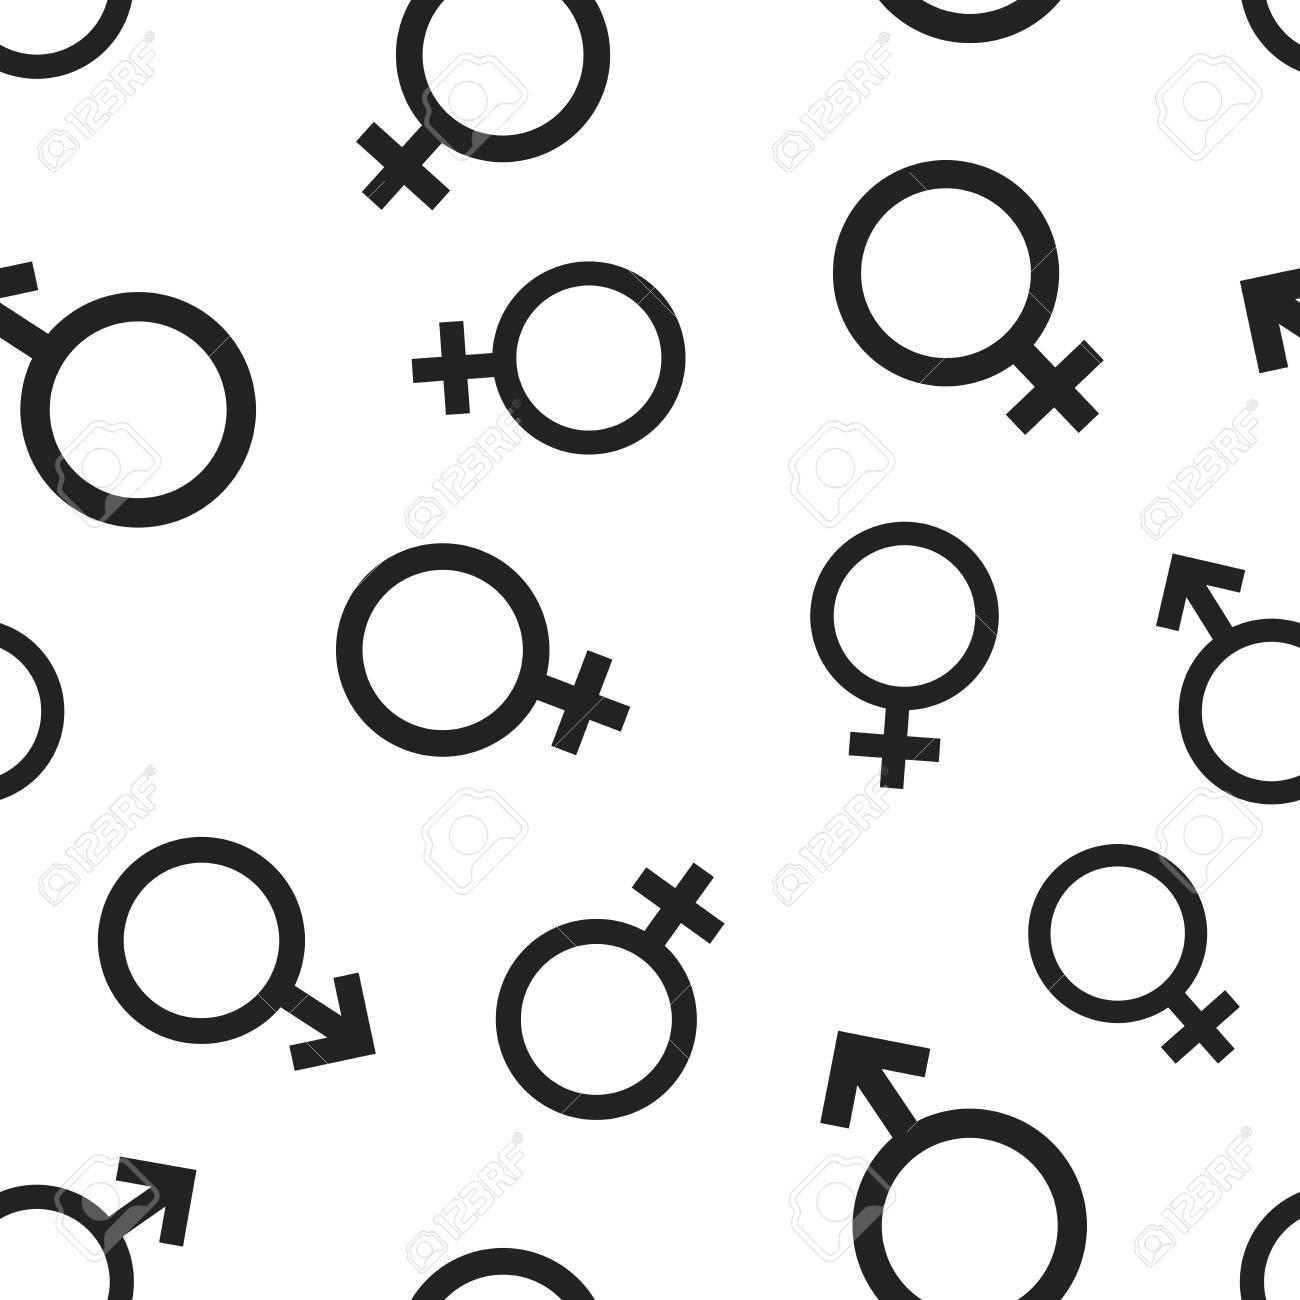 Faire des hommes cum de sexe anal